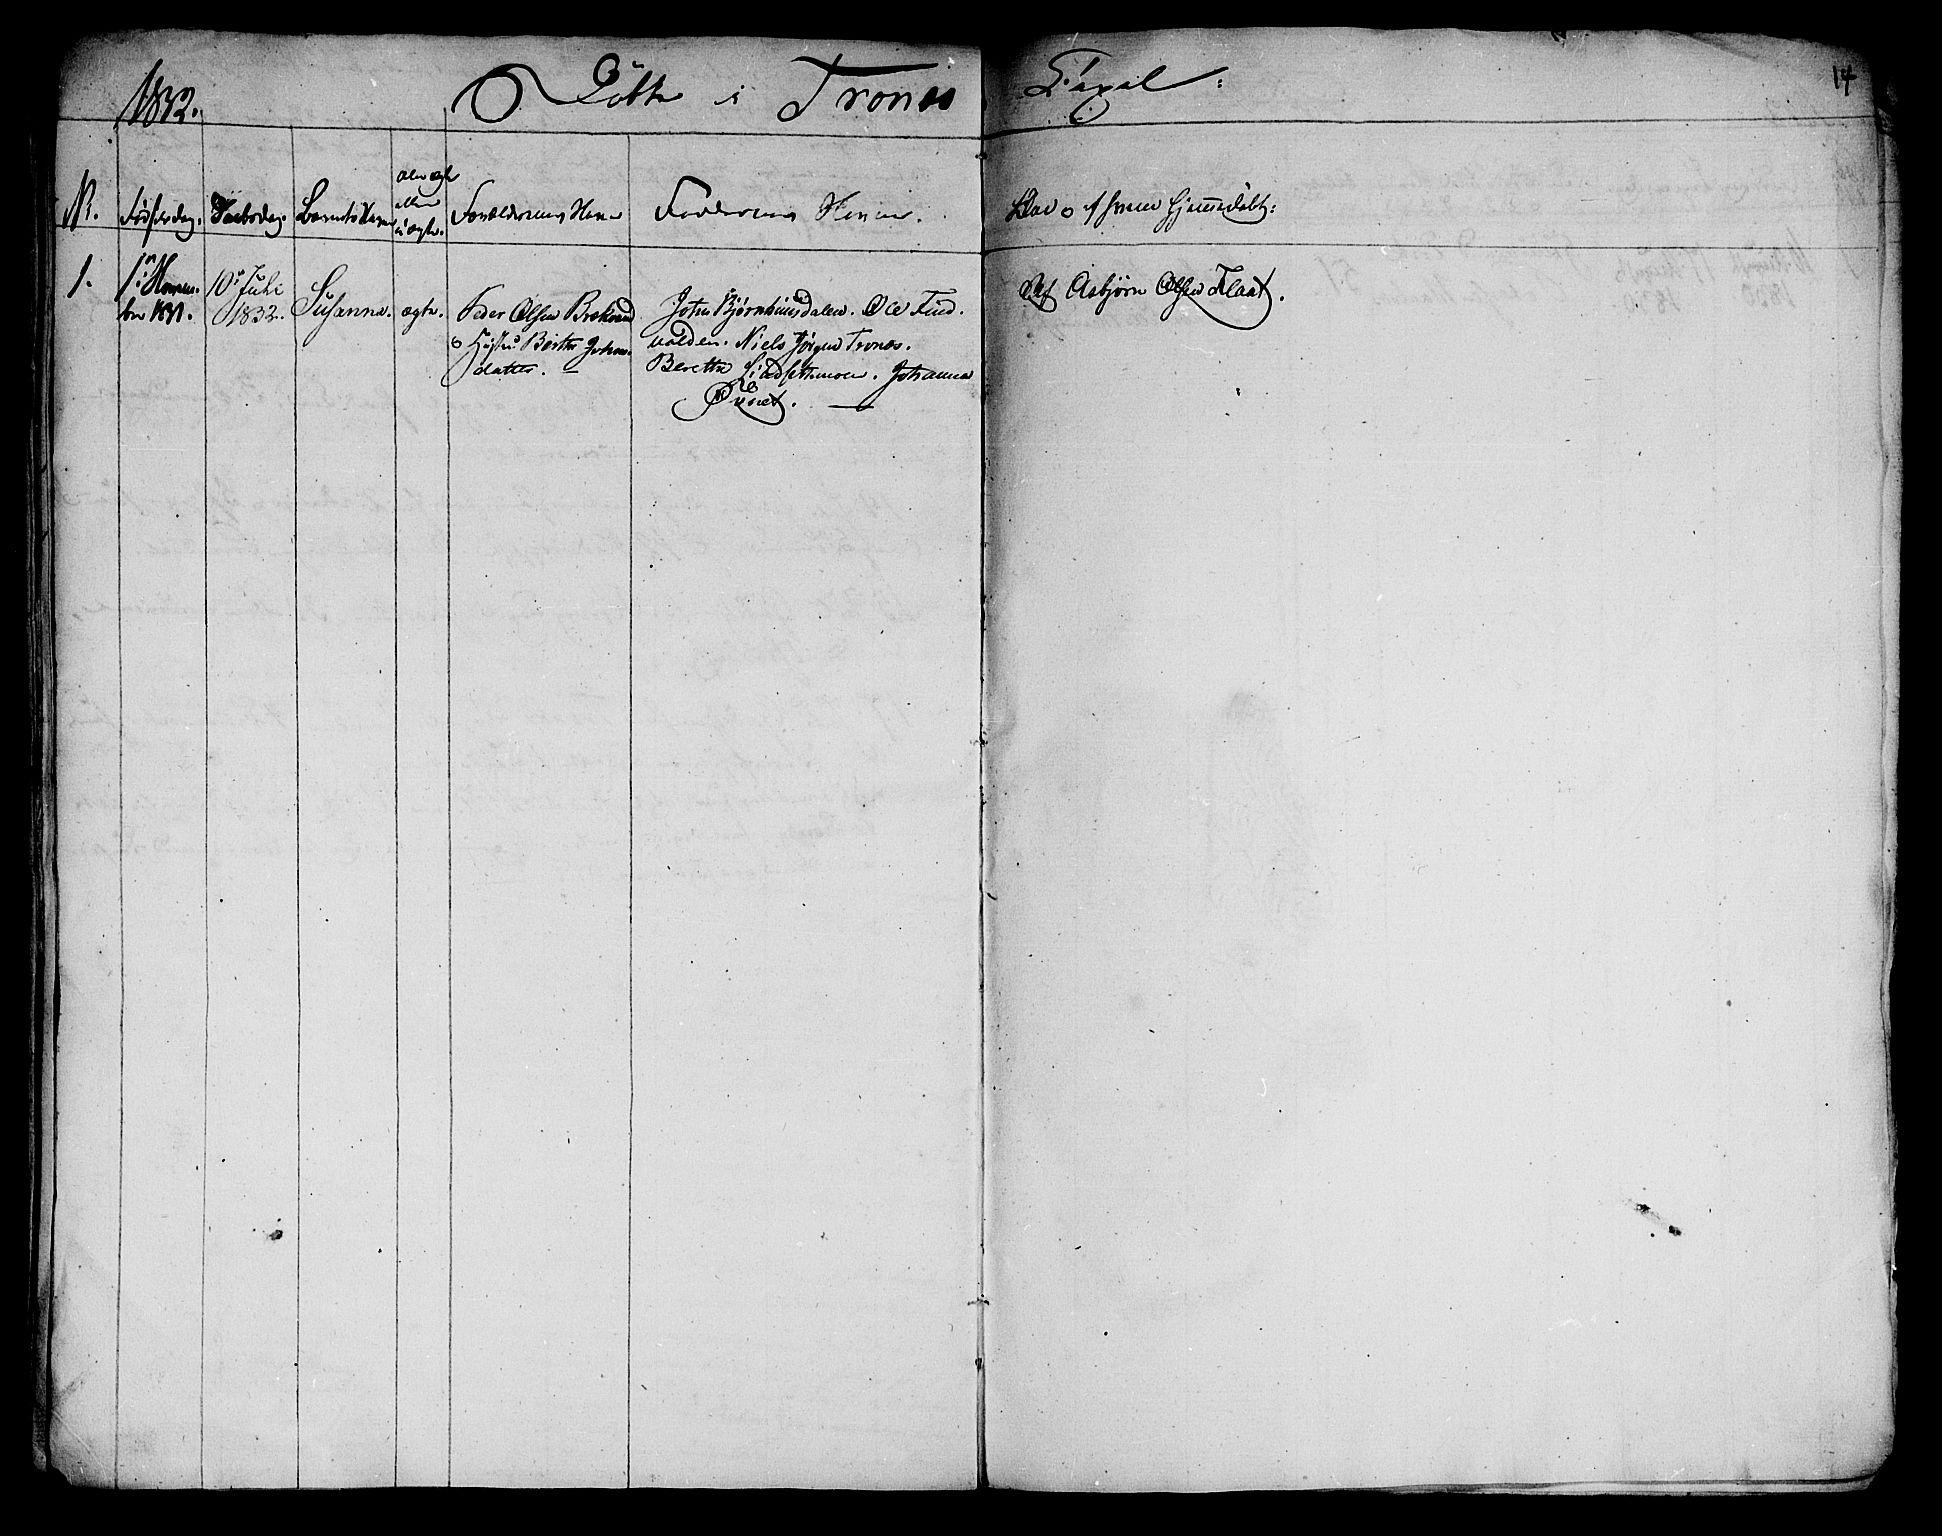 SAT, Ministerialprotokoller, klokkerbøker og fødselsregistre - Nord-Trøndelag, 762/L0536: Ministerialbok nr. 762A01 /2, 1830-1832, s. 14